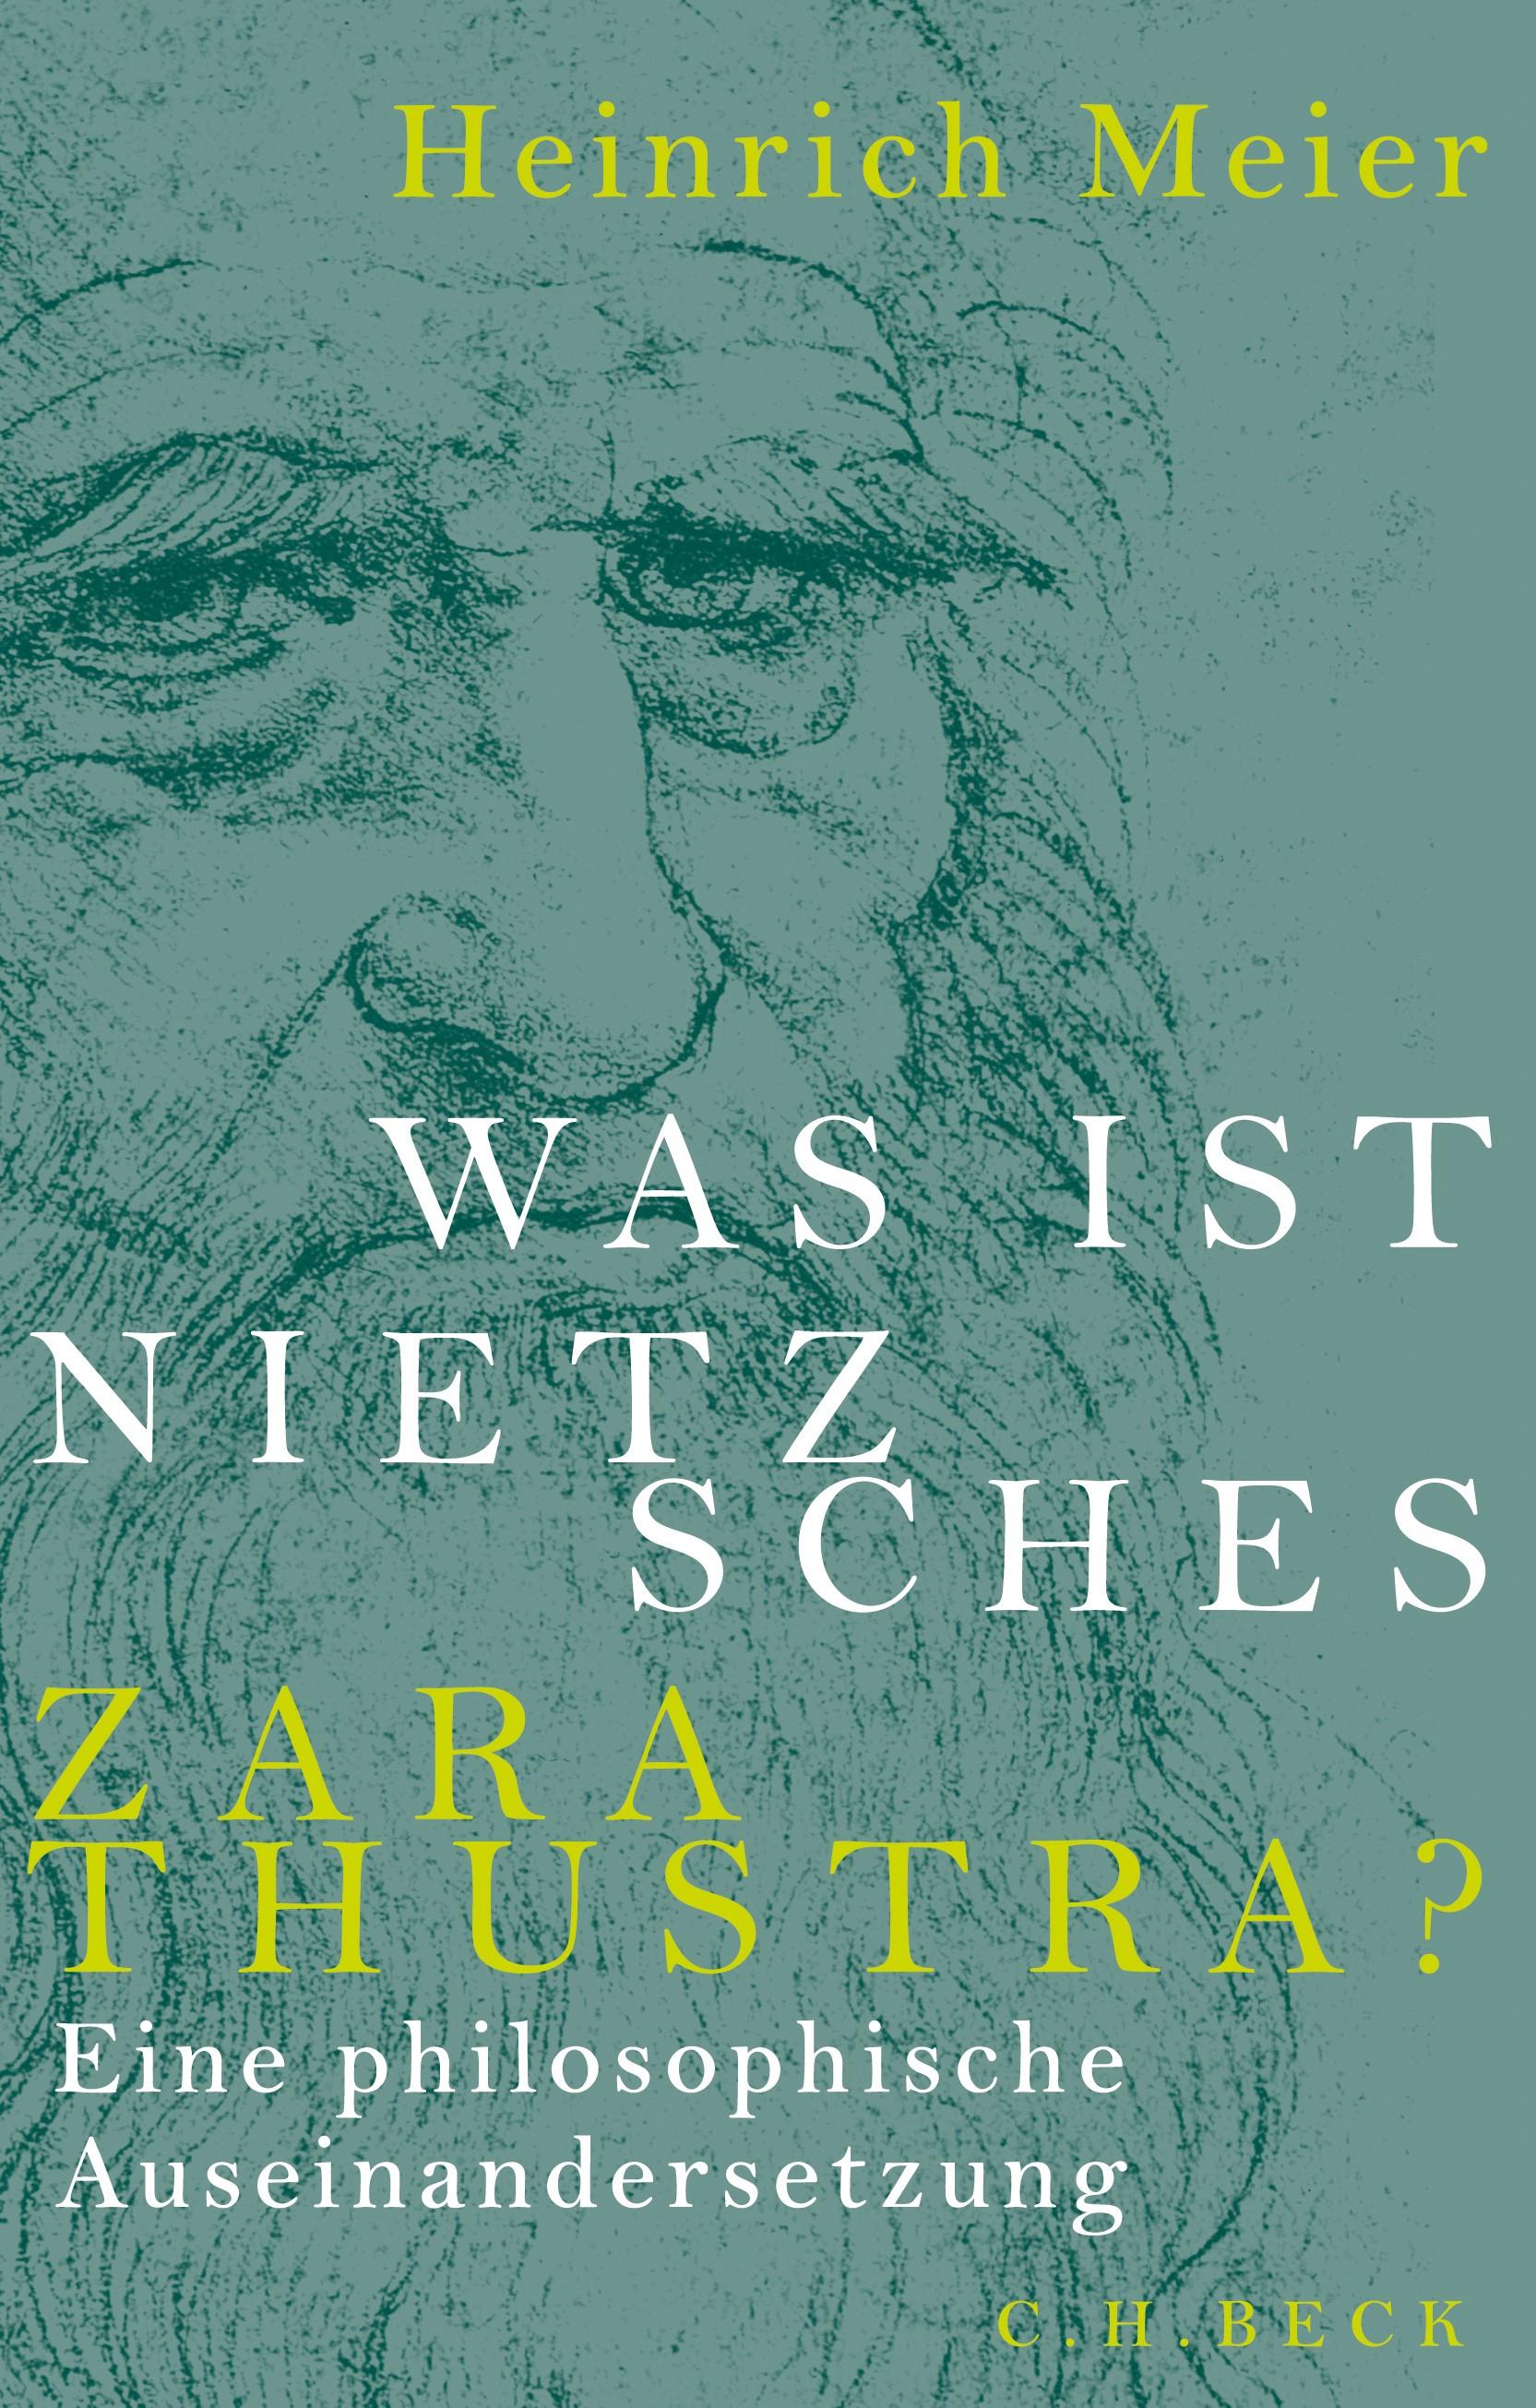 Cover des Buches 'Was ist Nietzsches Zarathustra?'